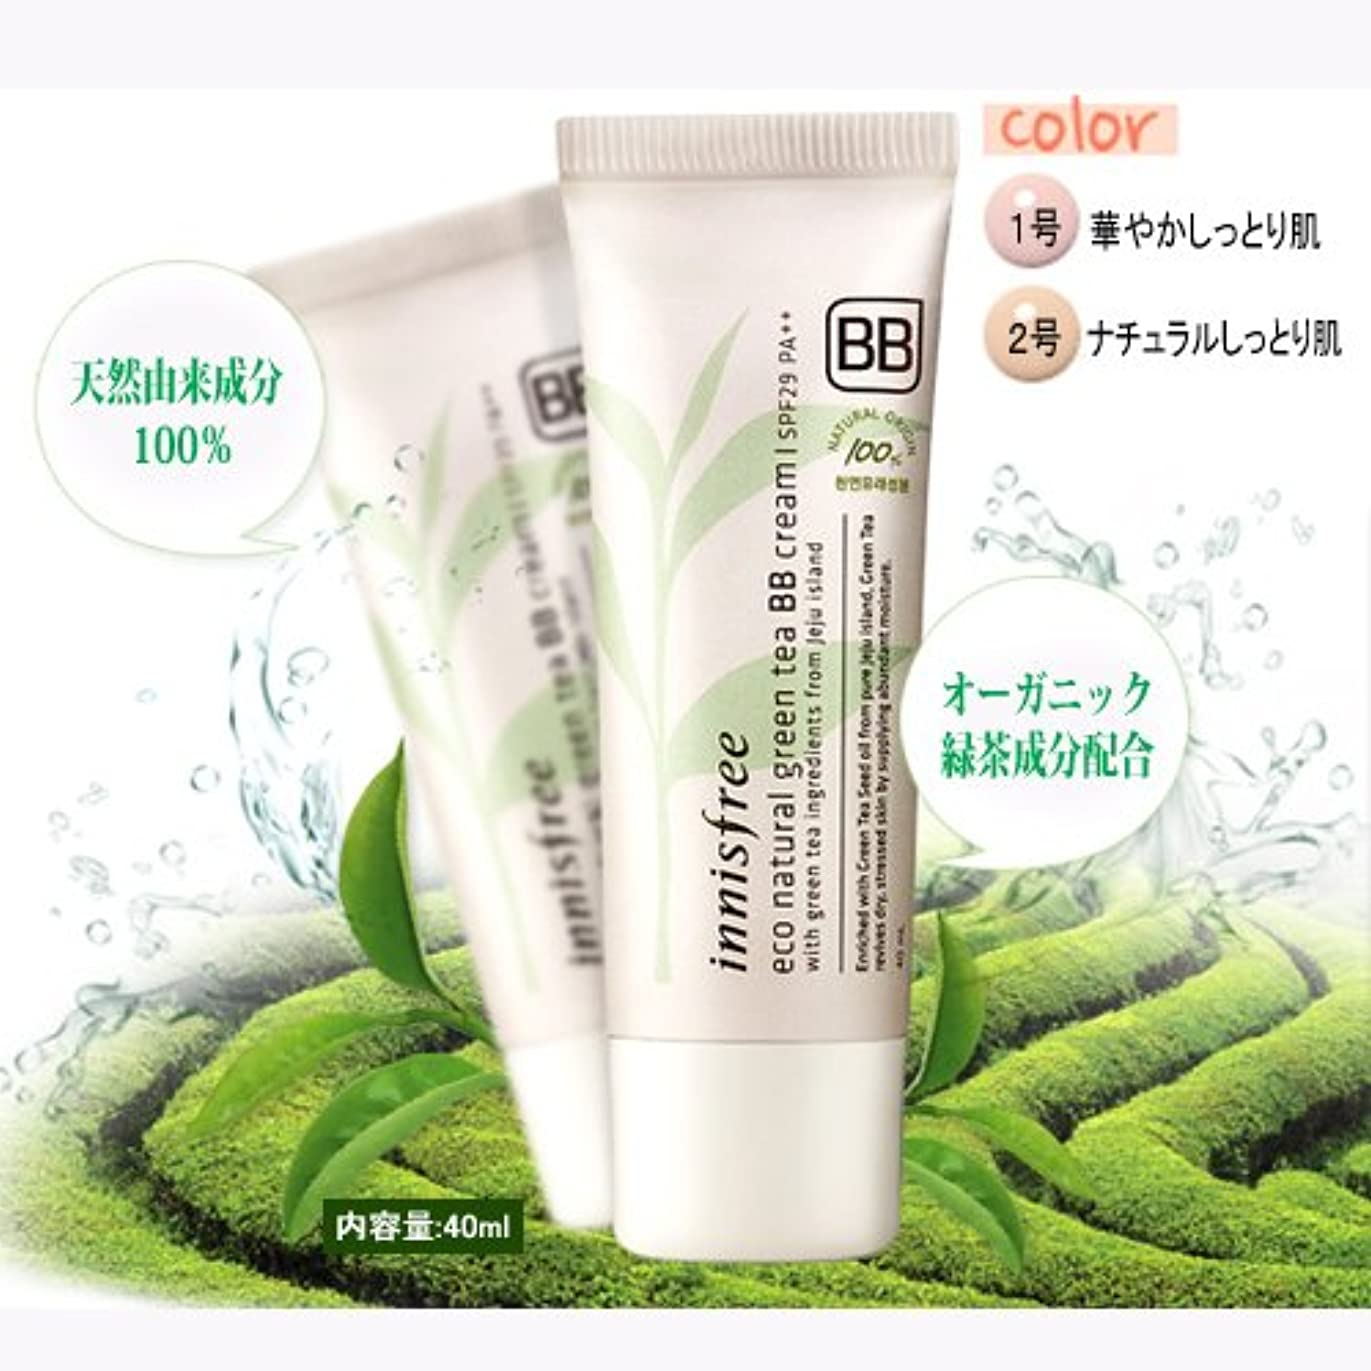 好戦的な羊飼い処分したinnisfree/イニスフリー Eco Natural Green Tea BB Cream #02/エコナチュラルグリーンティーBBクリームナチュラルなしっとりお肌 SPF29PA++40ml